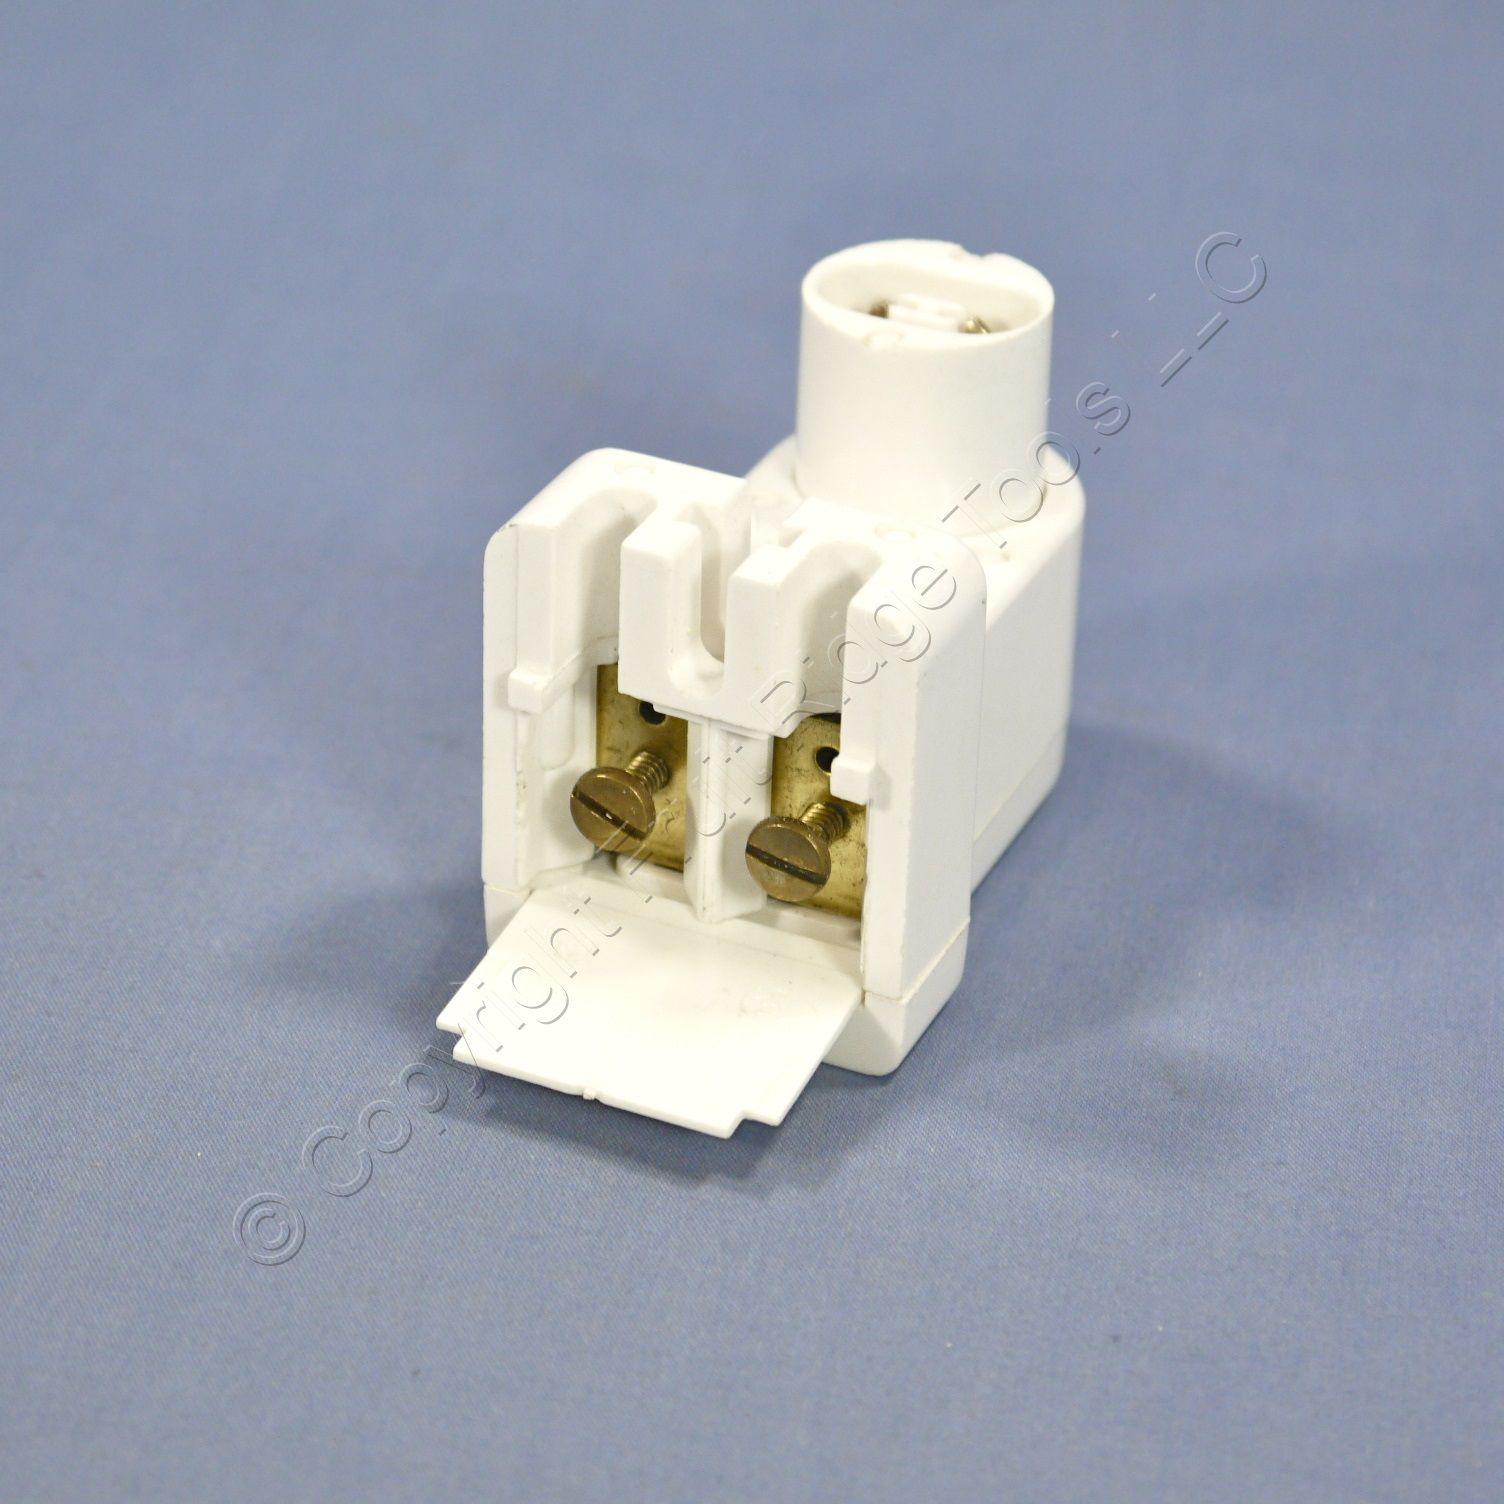 fluorescent light holder femur bone diagram leviton white ho vho t8 t12 lamp